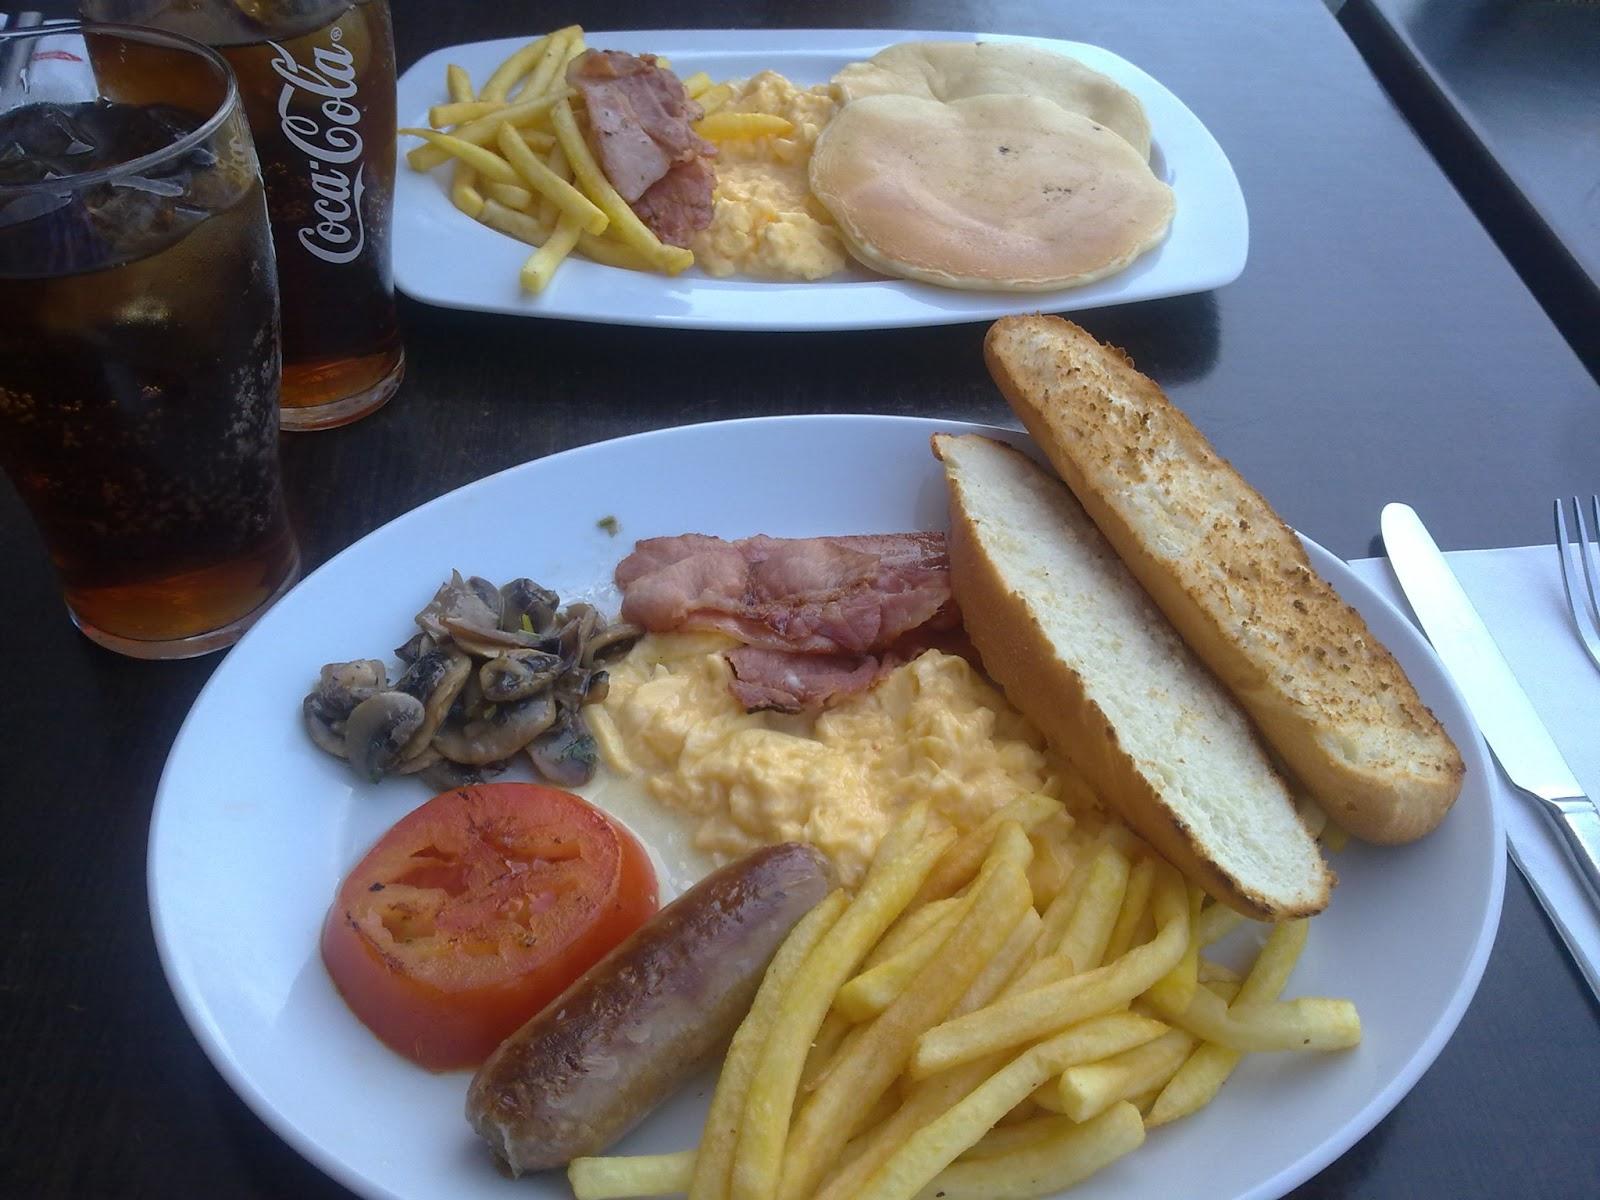 Desayuno Americano Vips Calorias